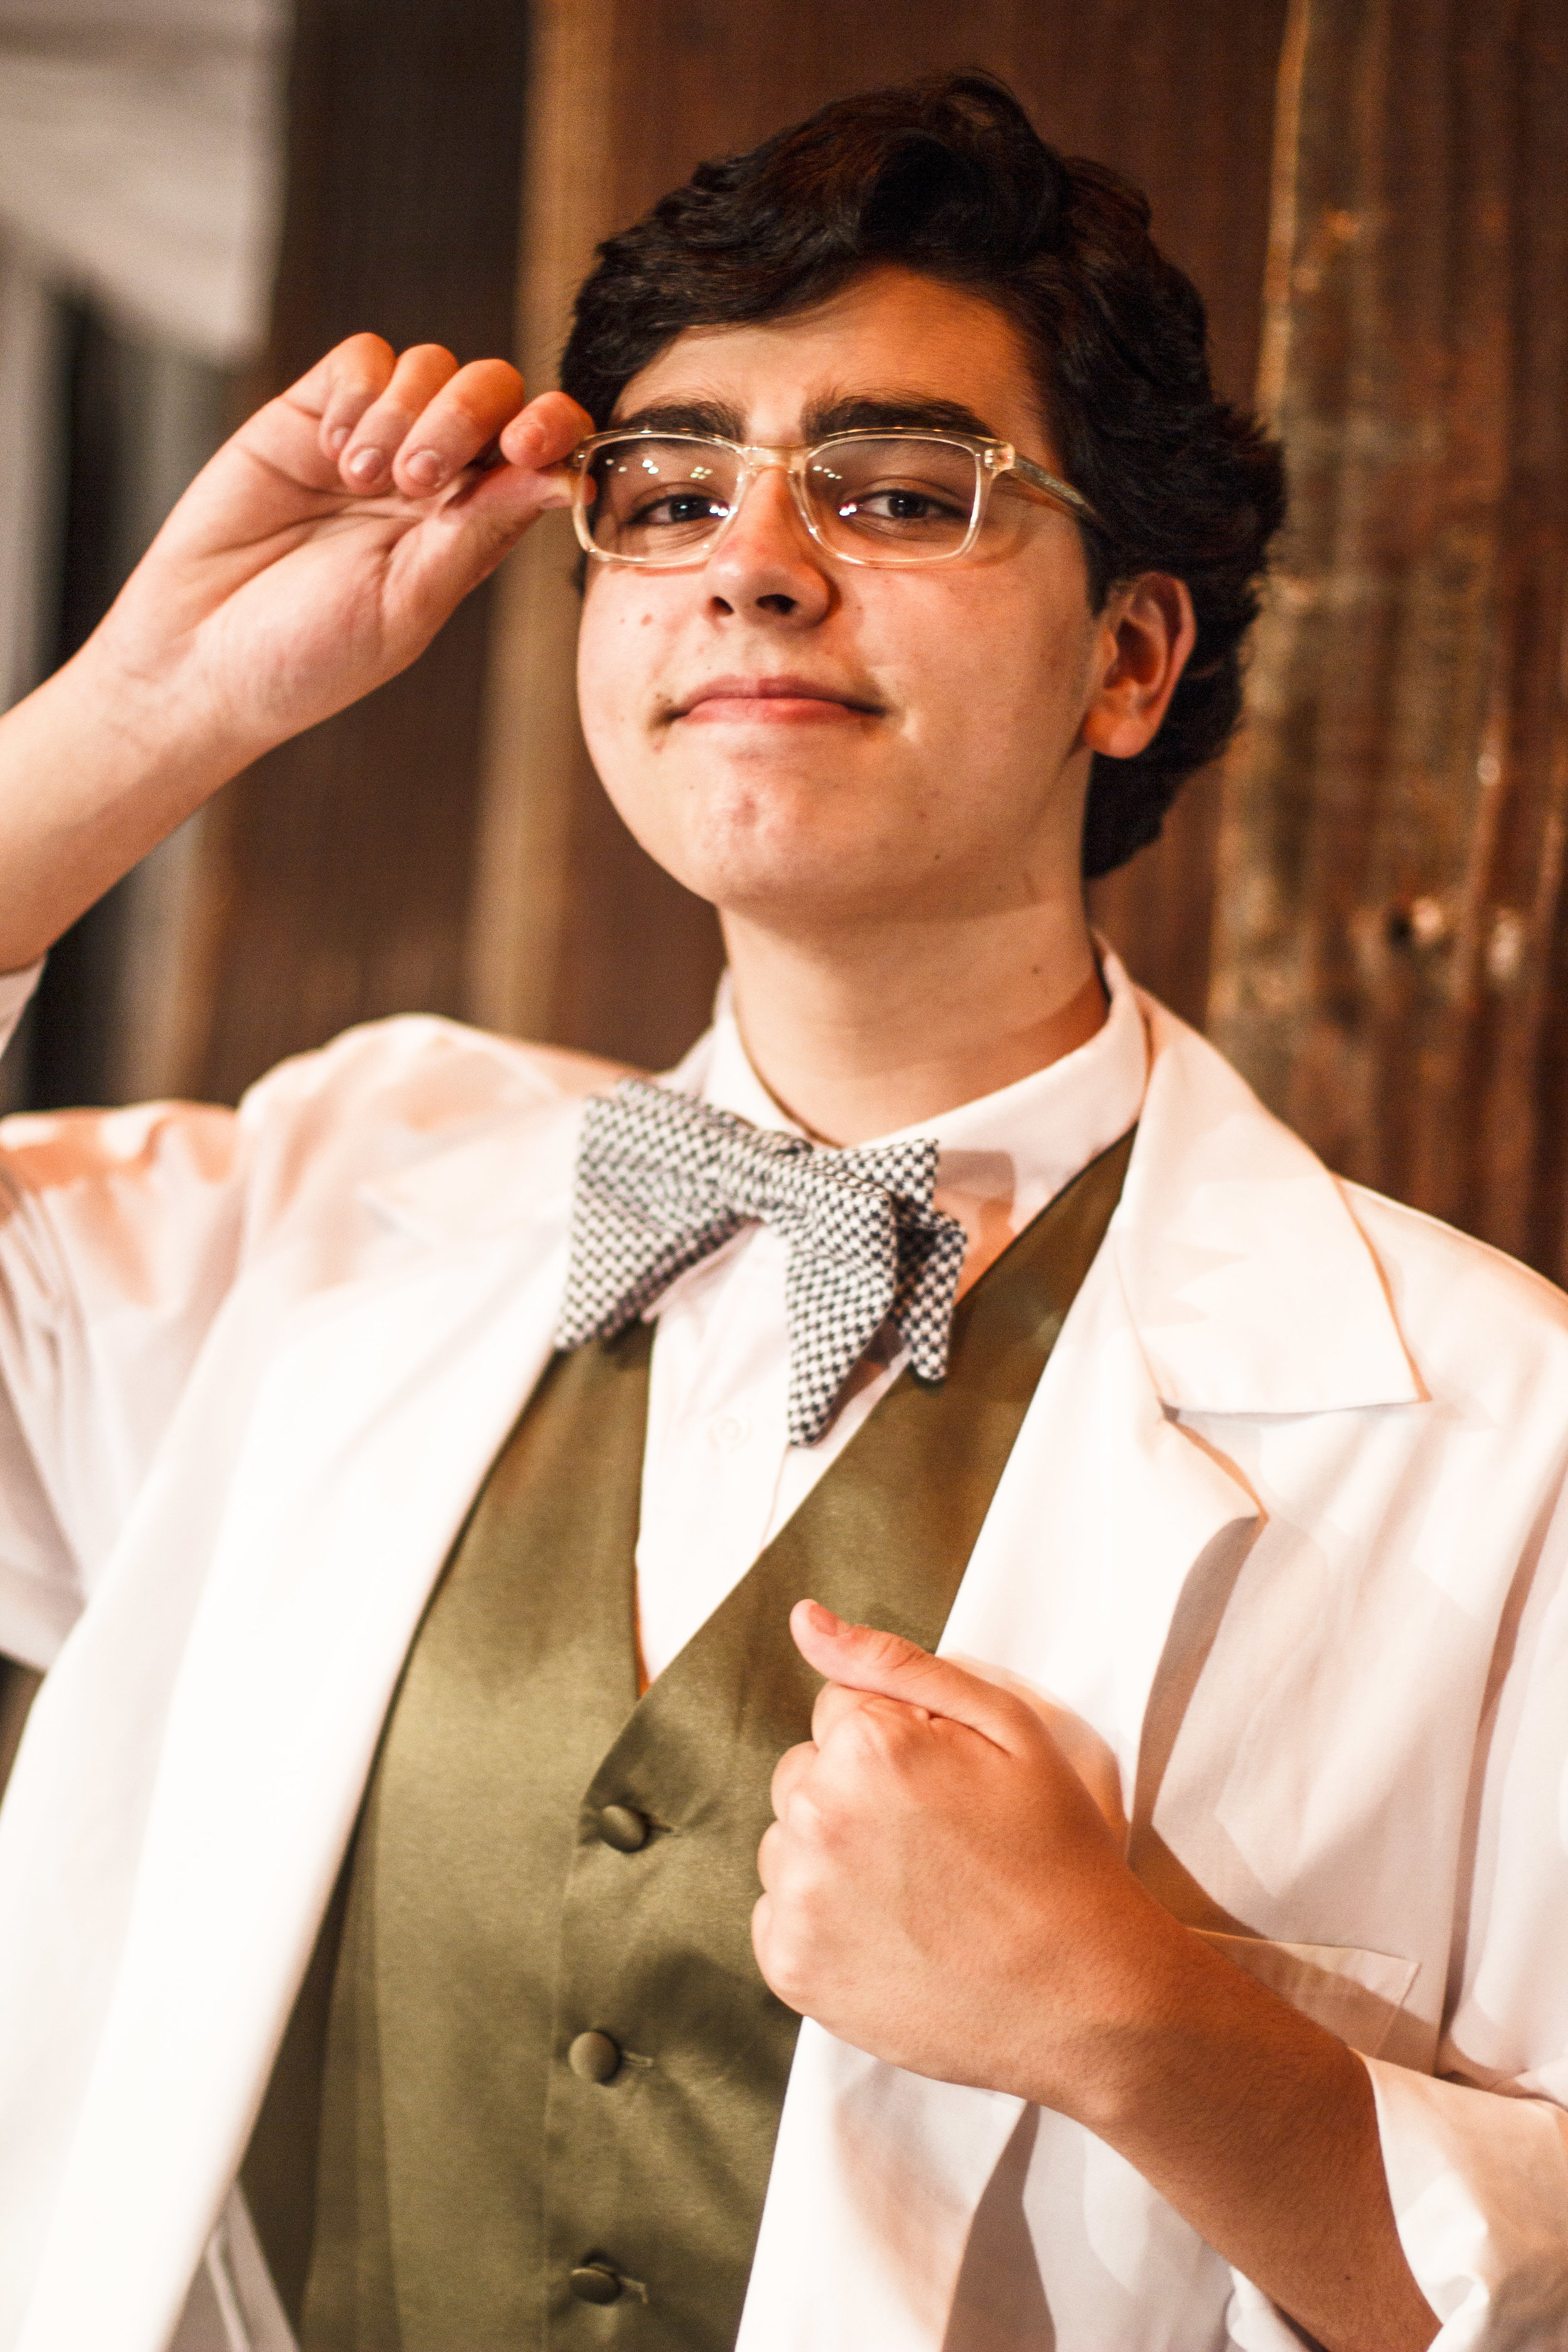 Dr. Billeaux